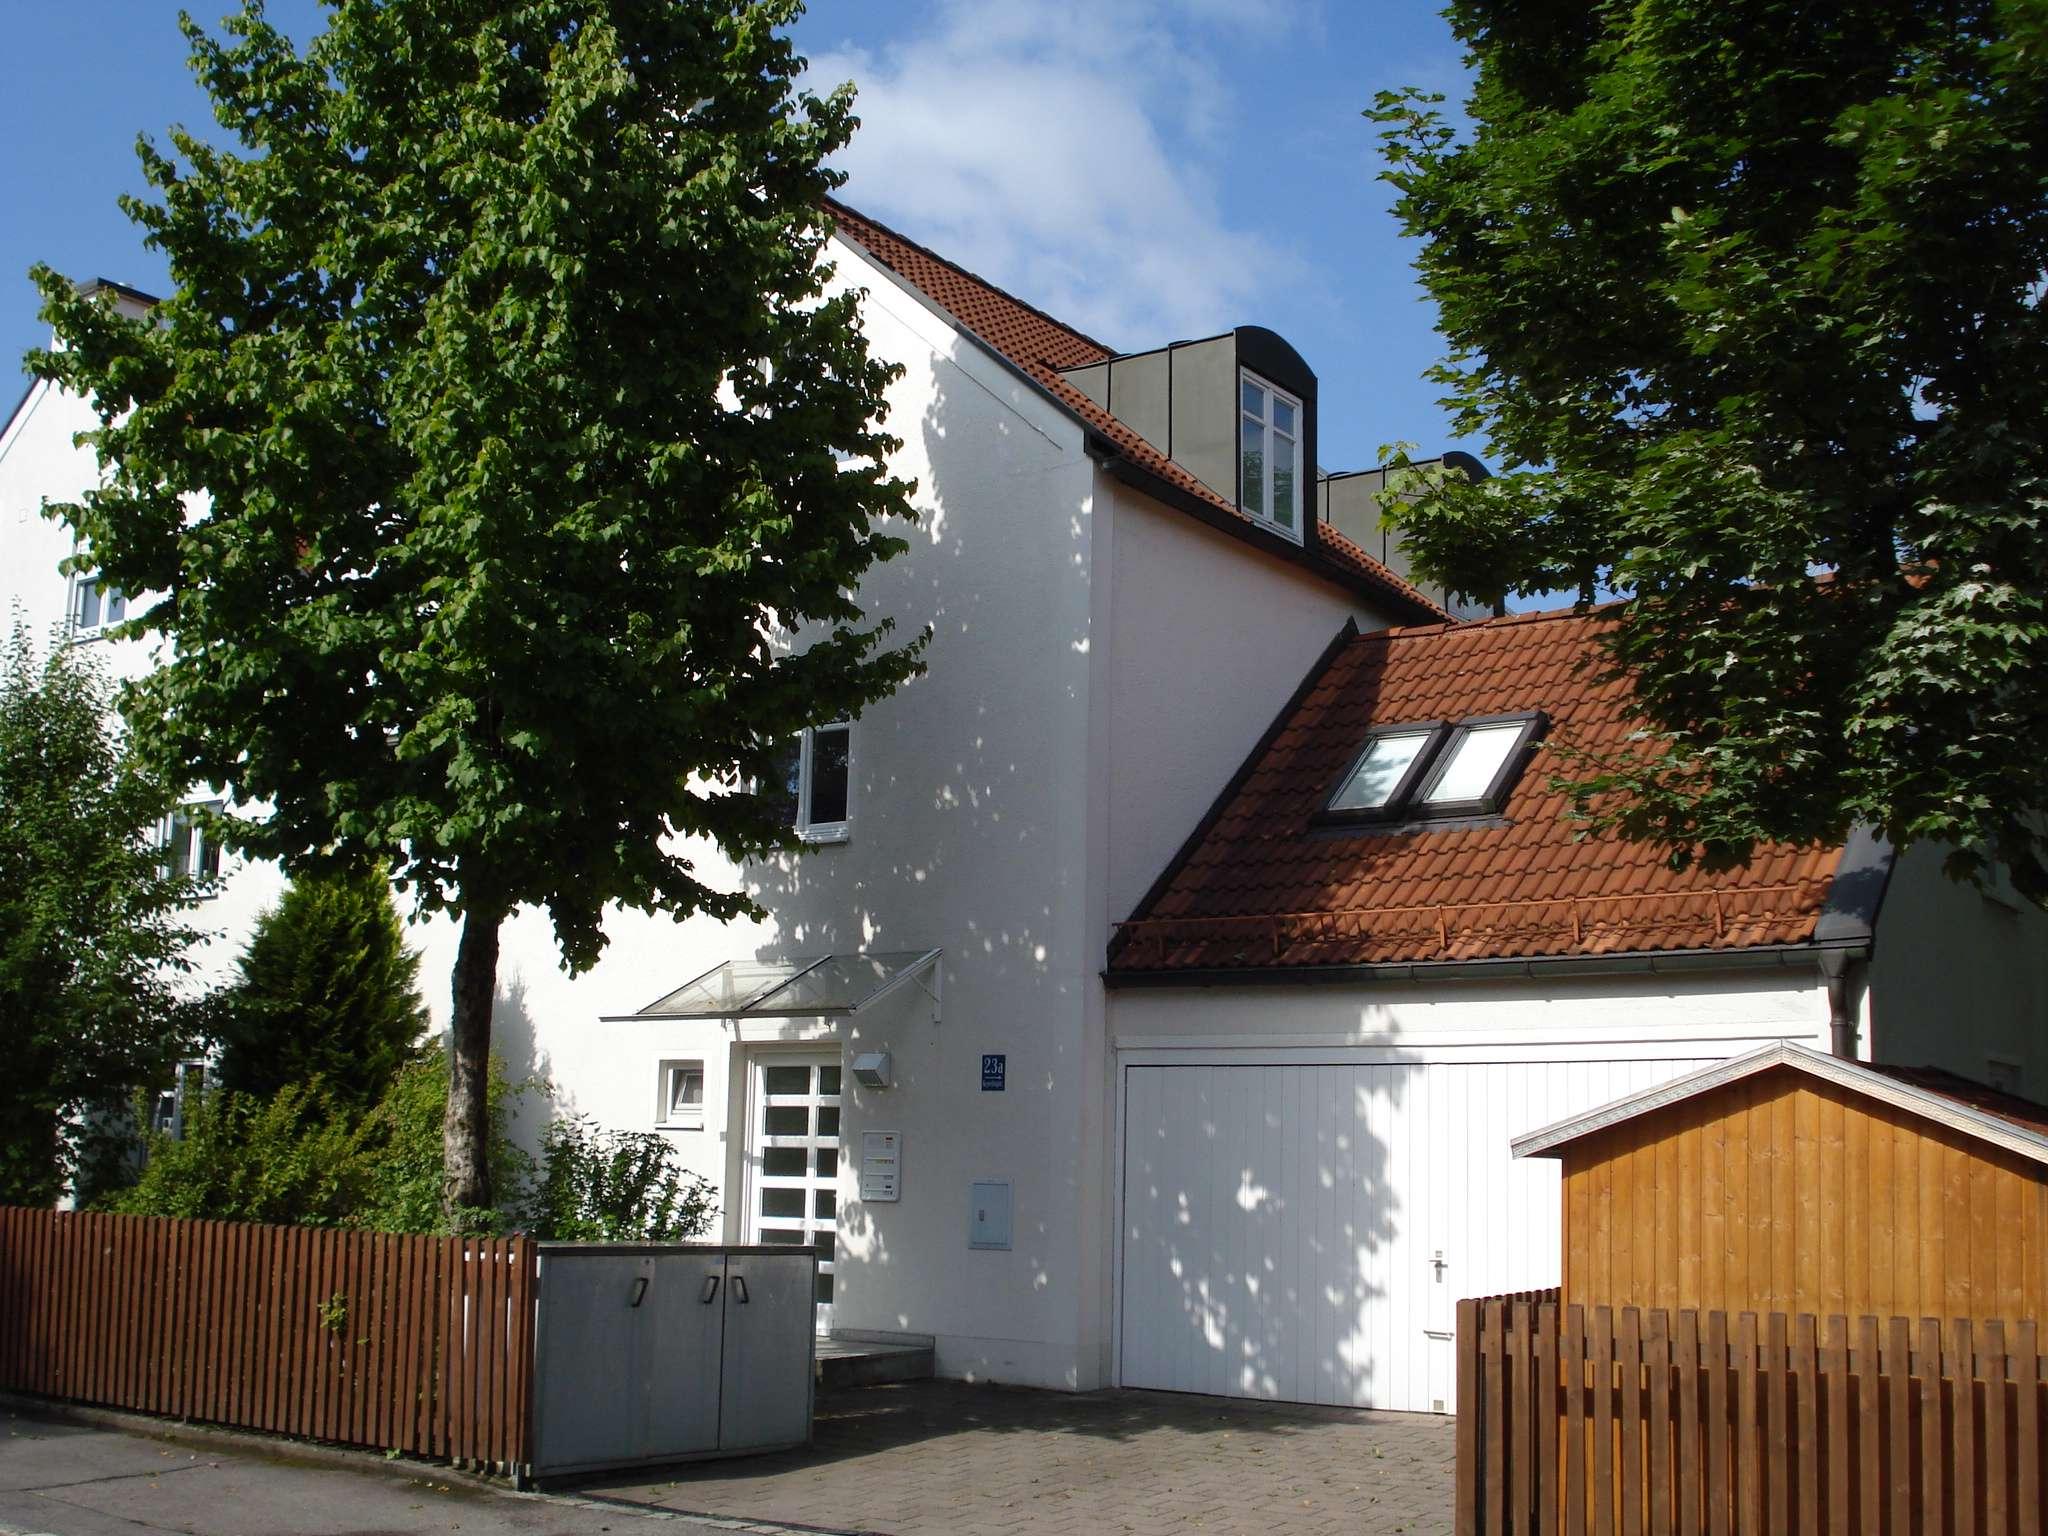 3-Zimmer-Wohnung mit Balkon in Obermenzing, München in Obermenzing (München)